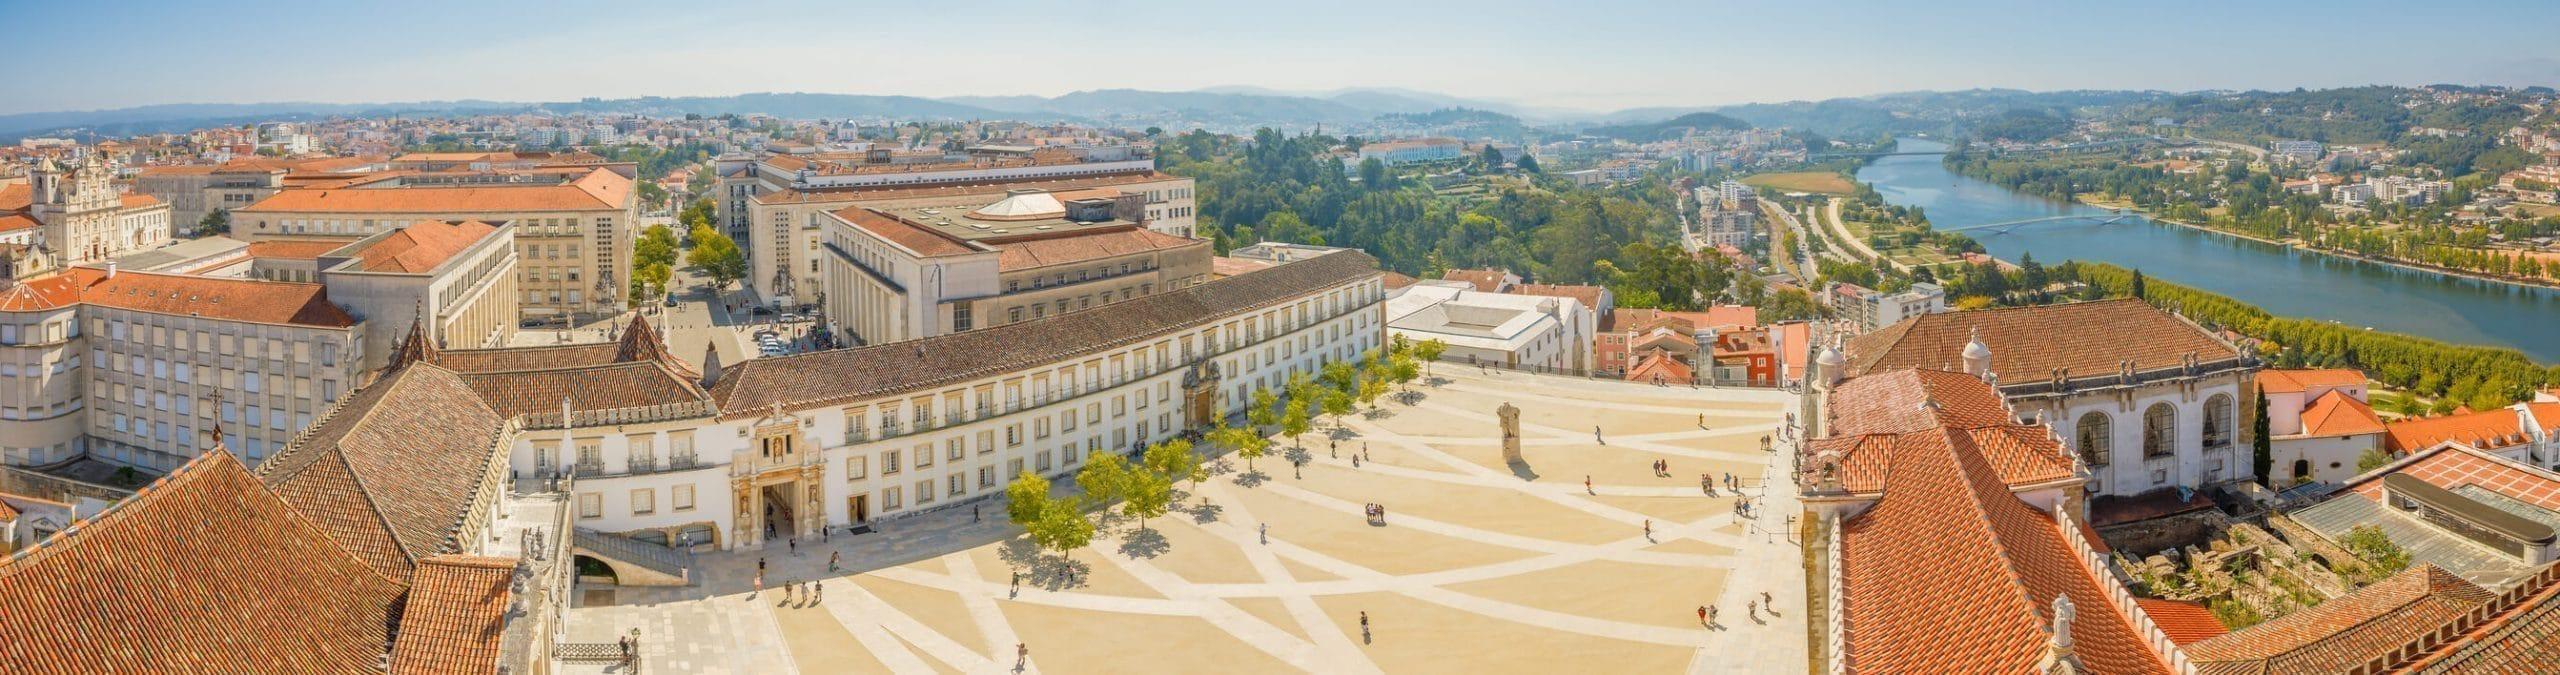 Visitas Guiadas Coimbra e Aveiro: Cidade de Coimbra